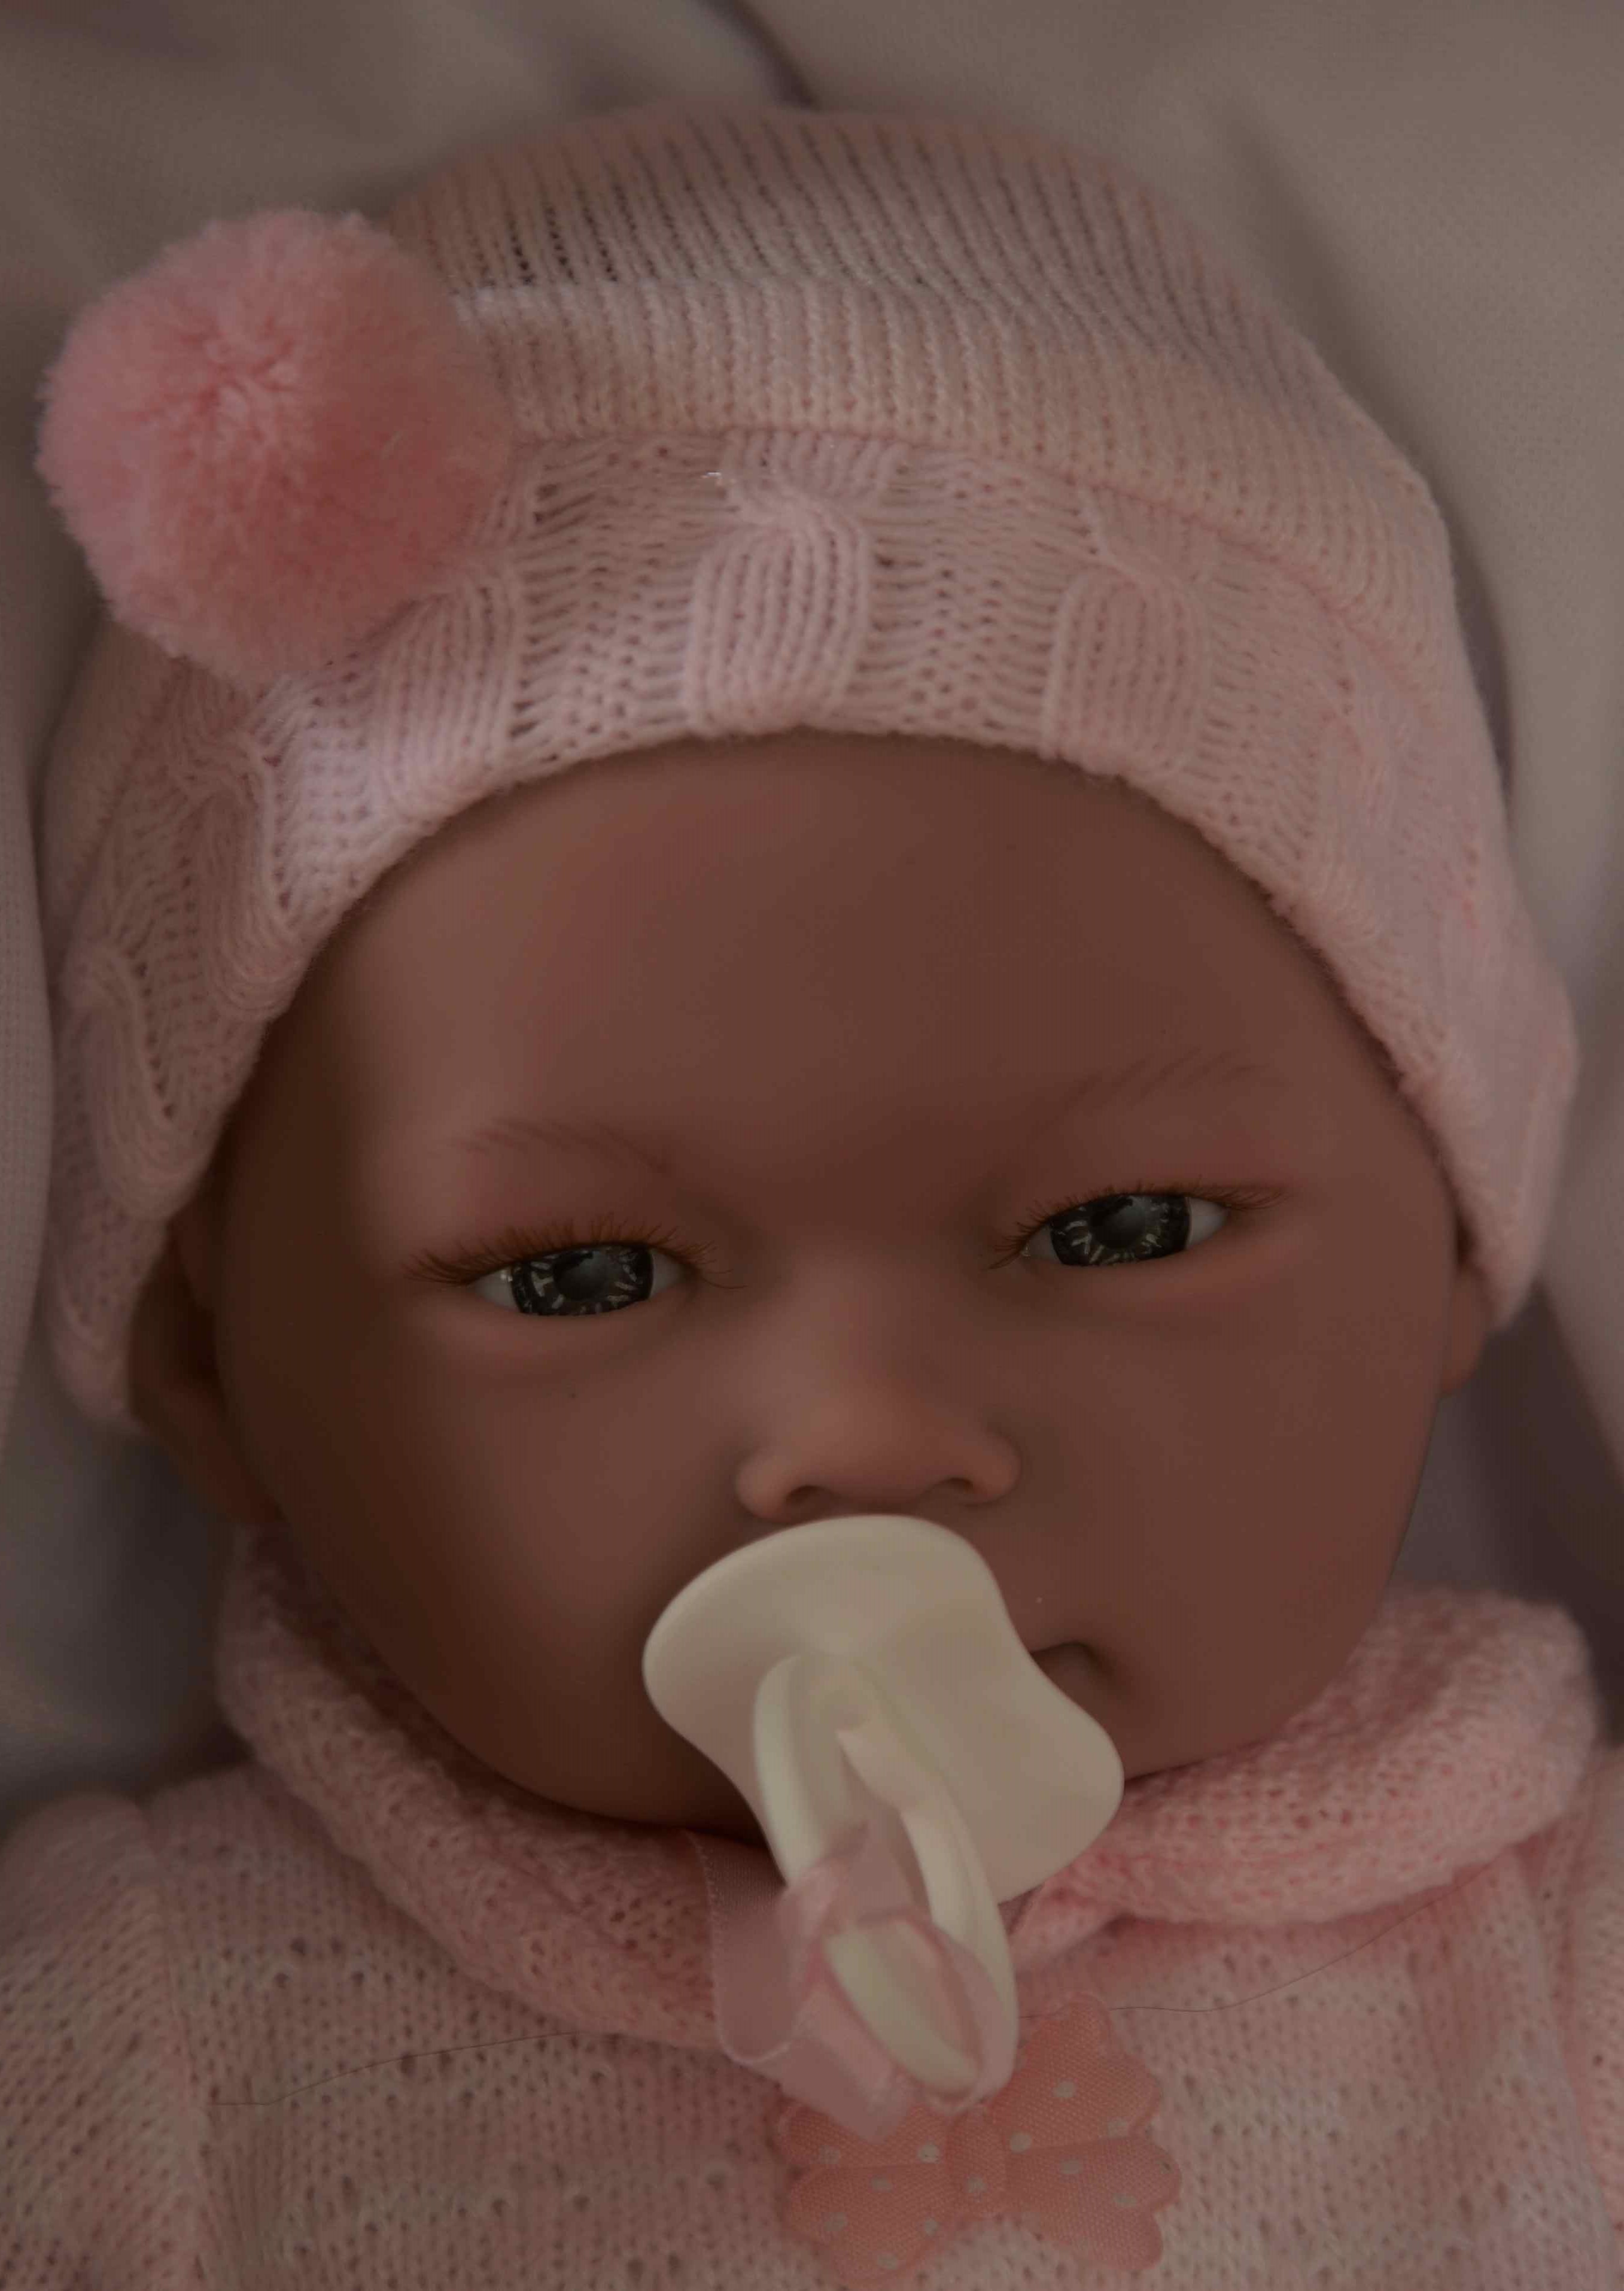 Holčička - Alba na polštářku od firmy Guca (Realistické miminko ze Španělska)